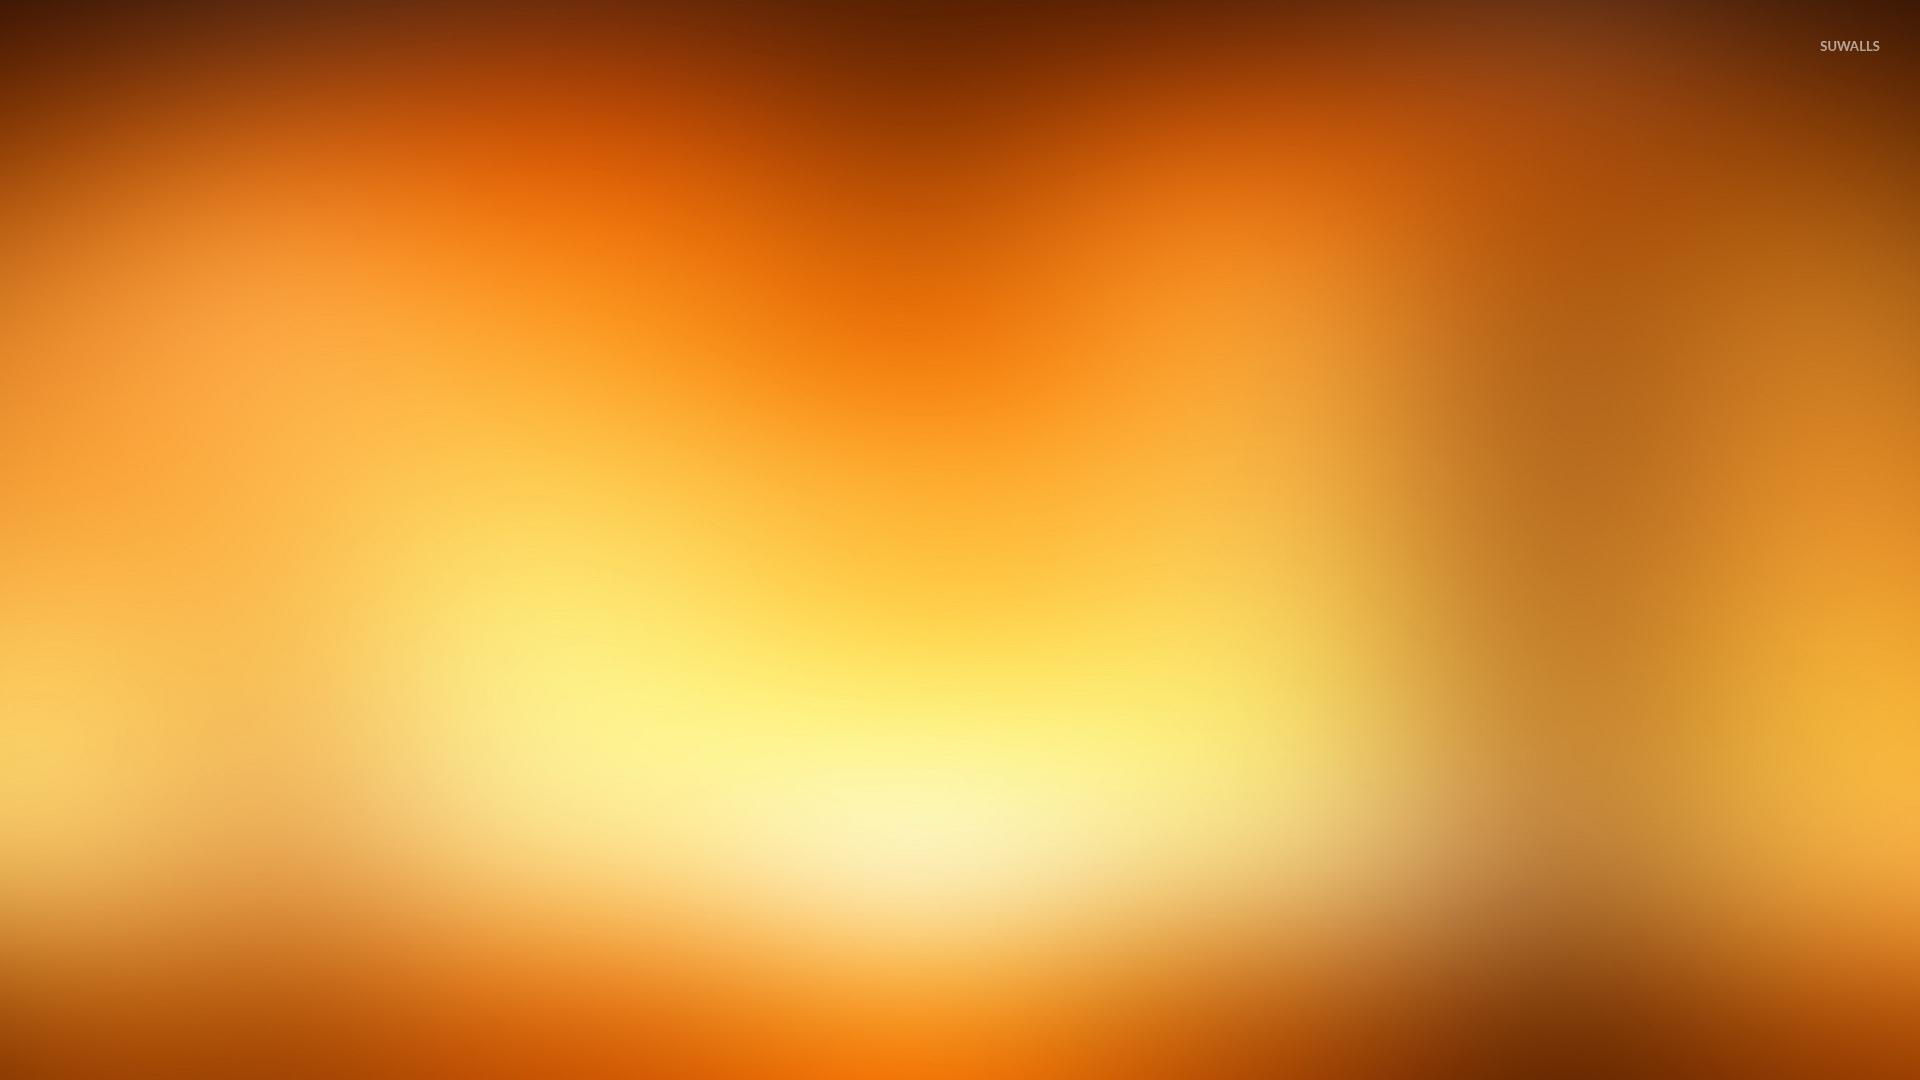 Golden Blur Wallpaper